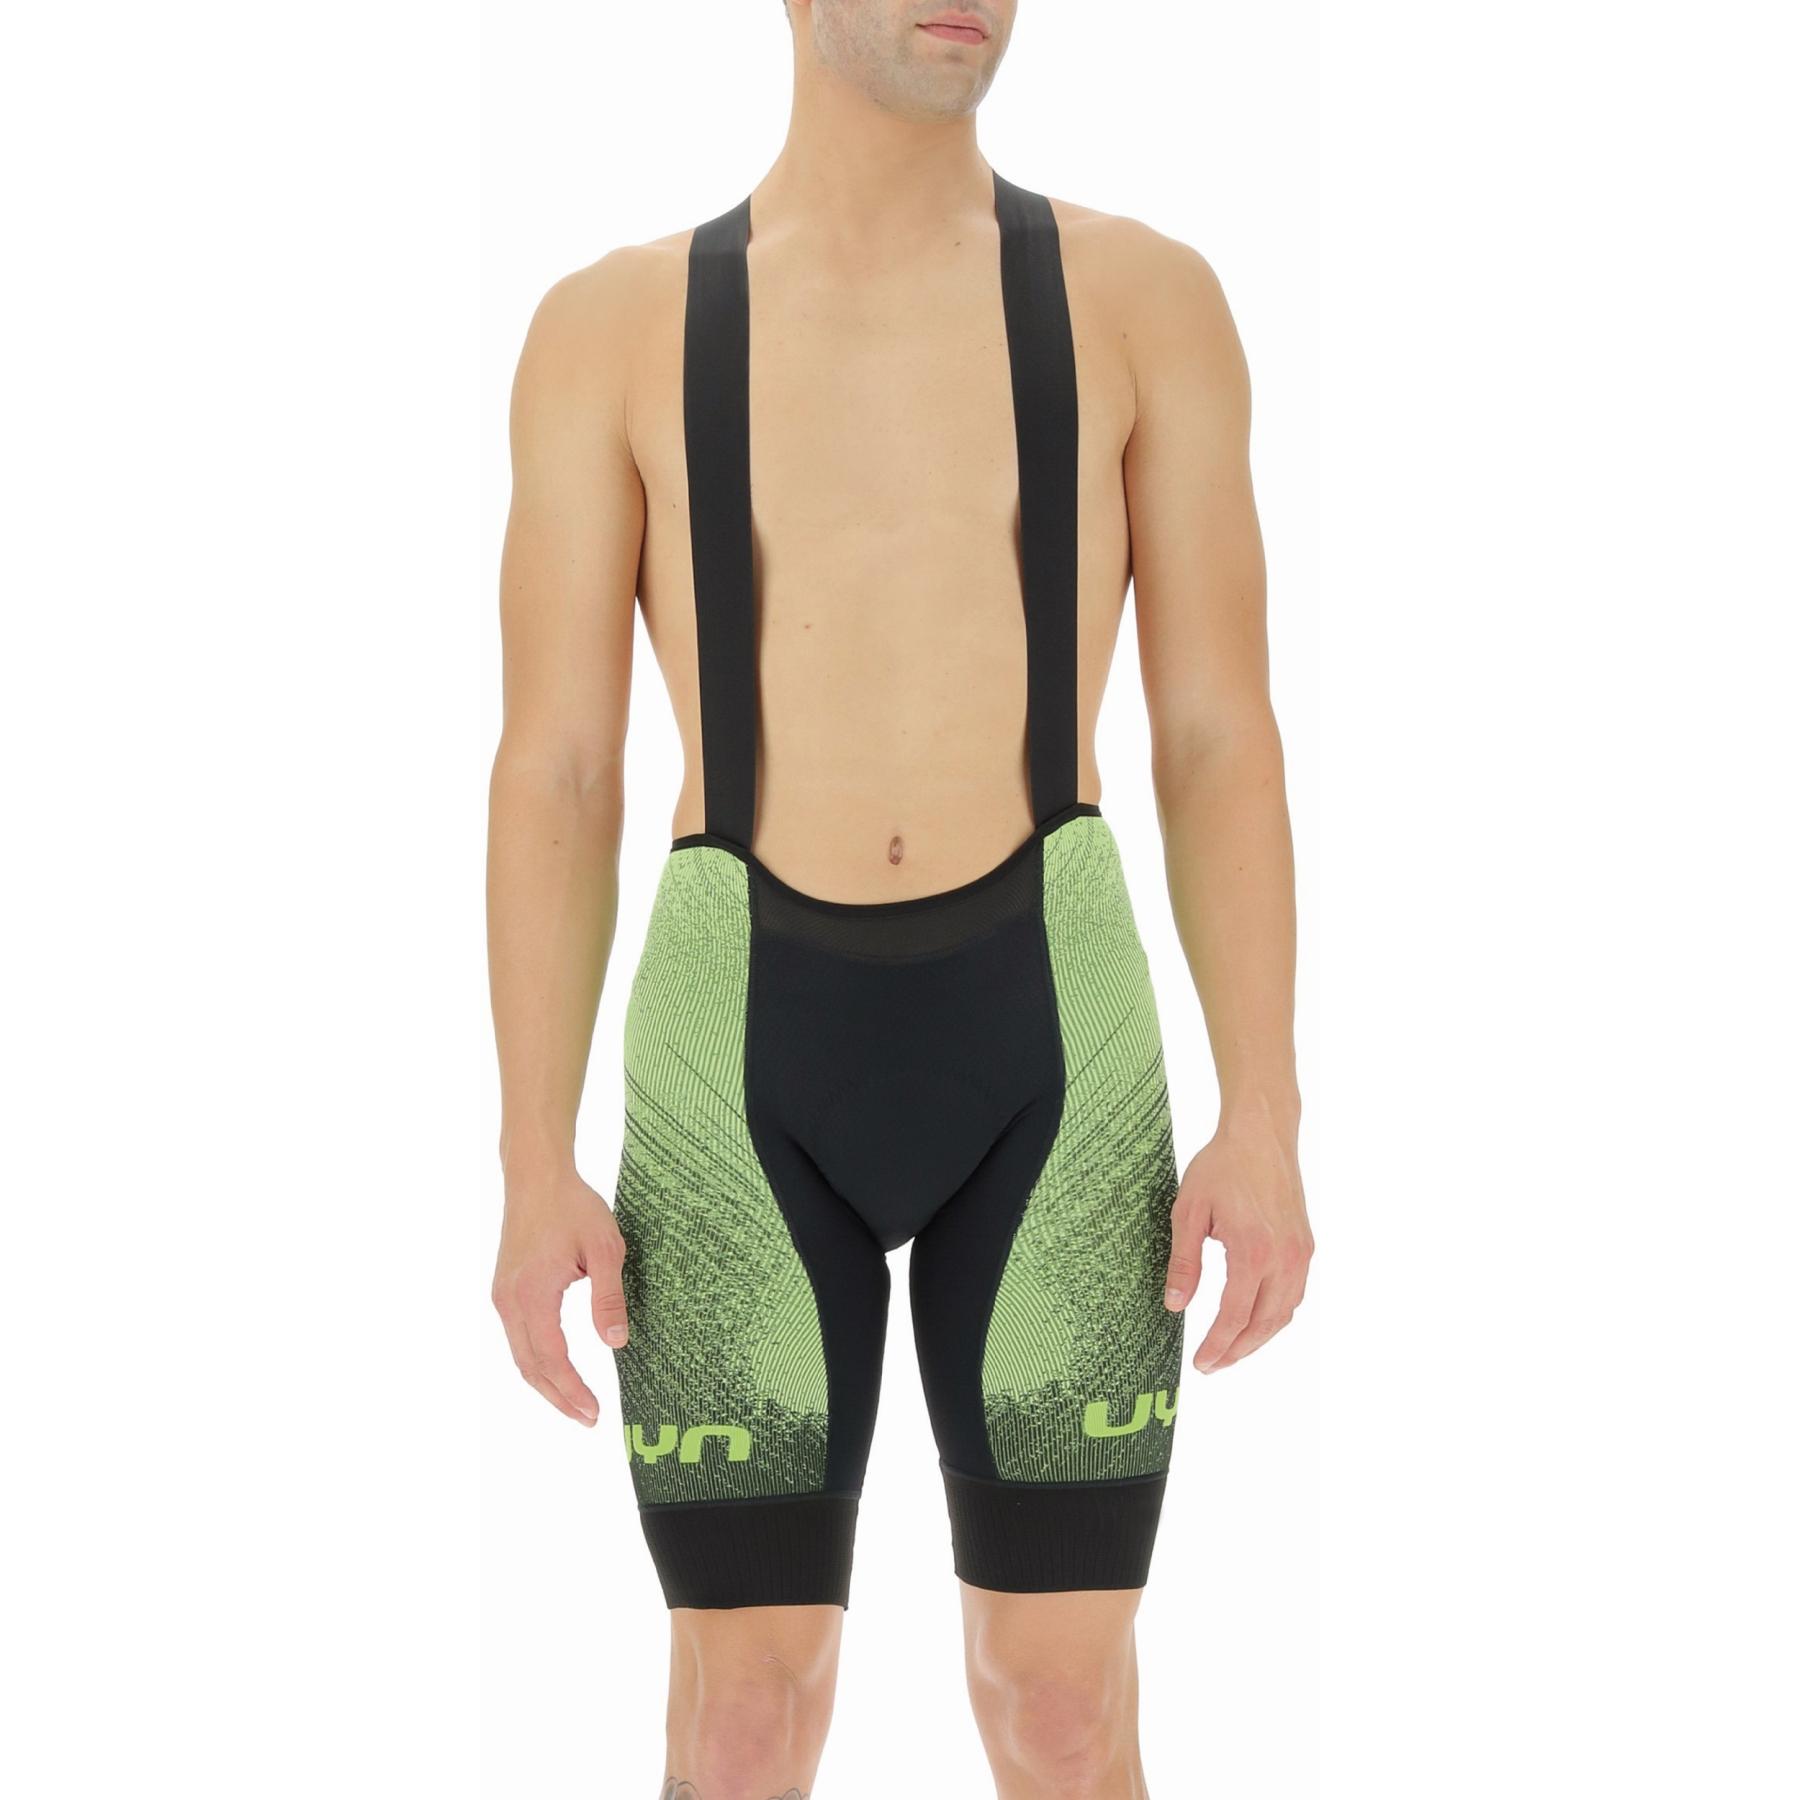 UYN Biking Racefast Man Bib Short - Black/Yellow